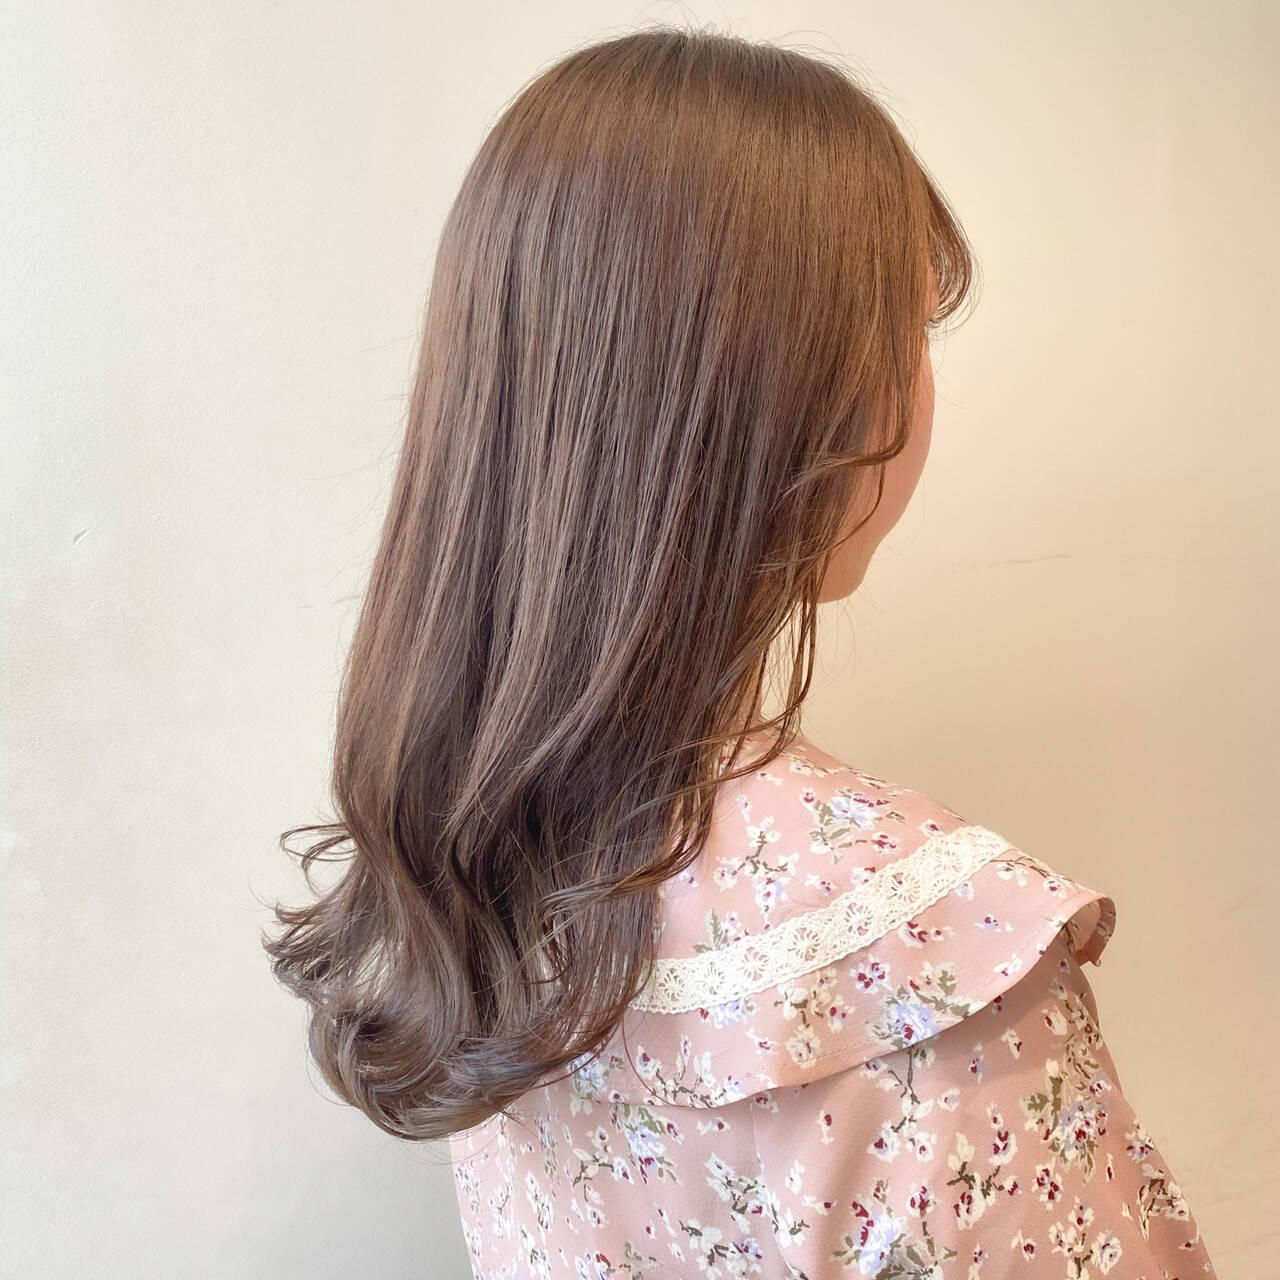 セミロング ミルクティーベージュ 透明感カラー ミルクティーグレージュヘアスタイルや髪型の写真・画像